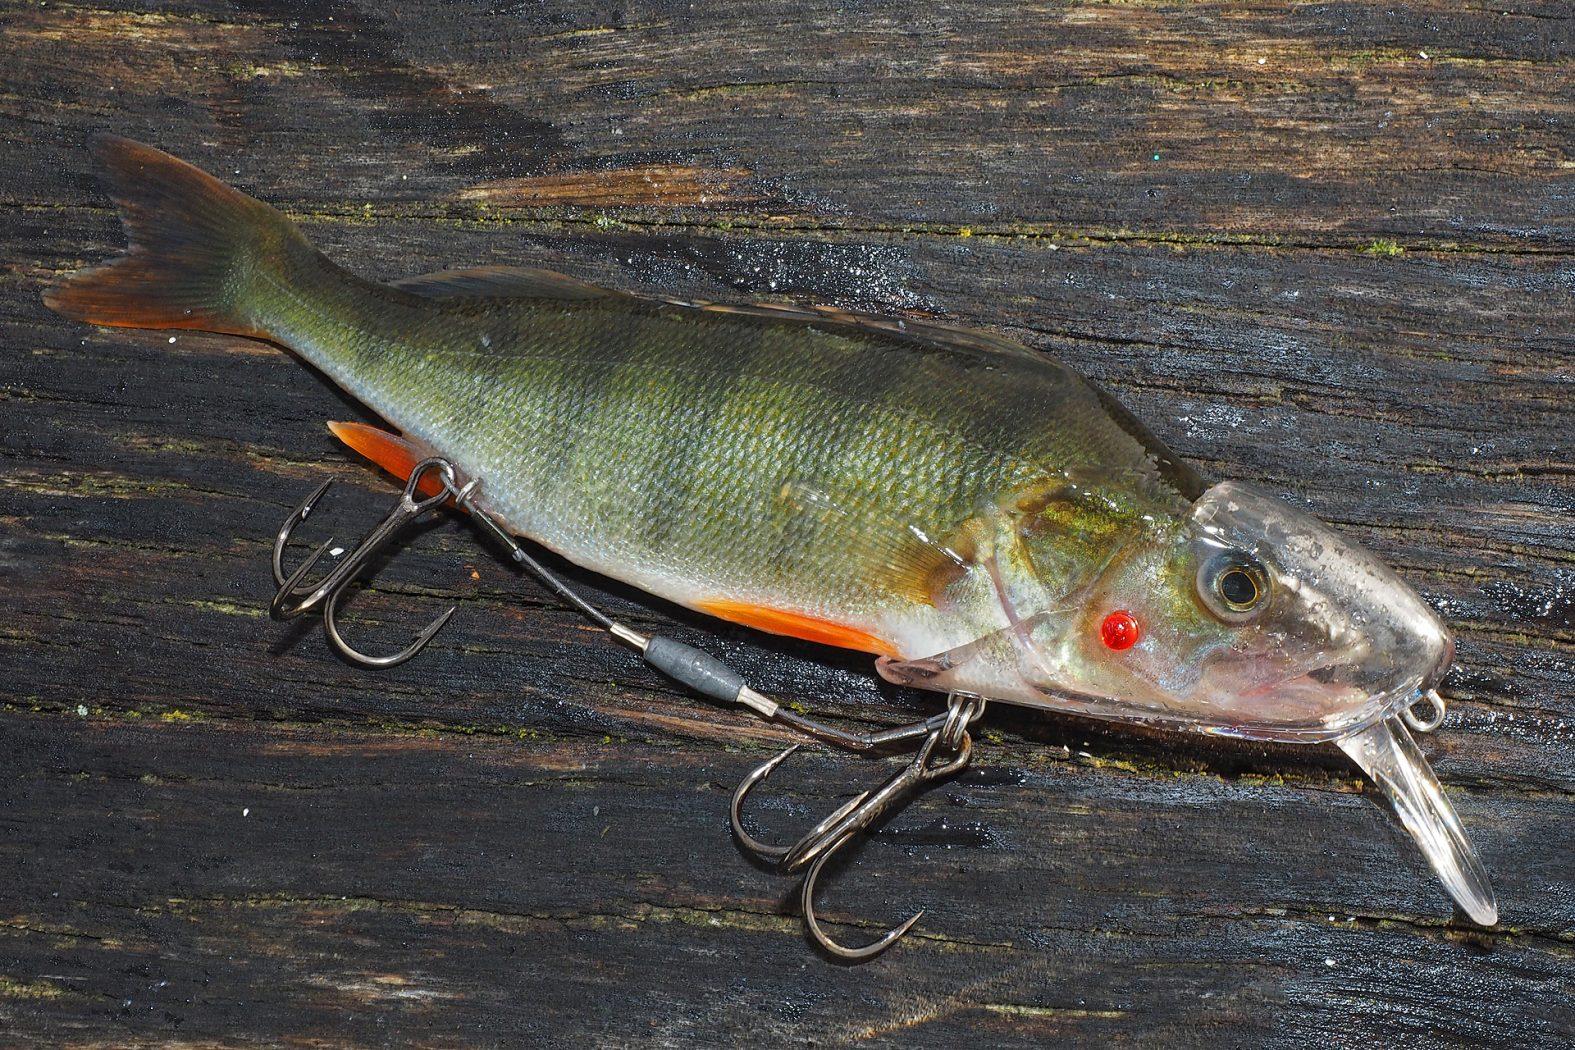 Angeln mit Köderfischsystem